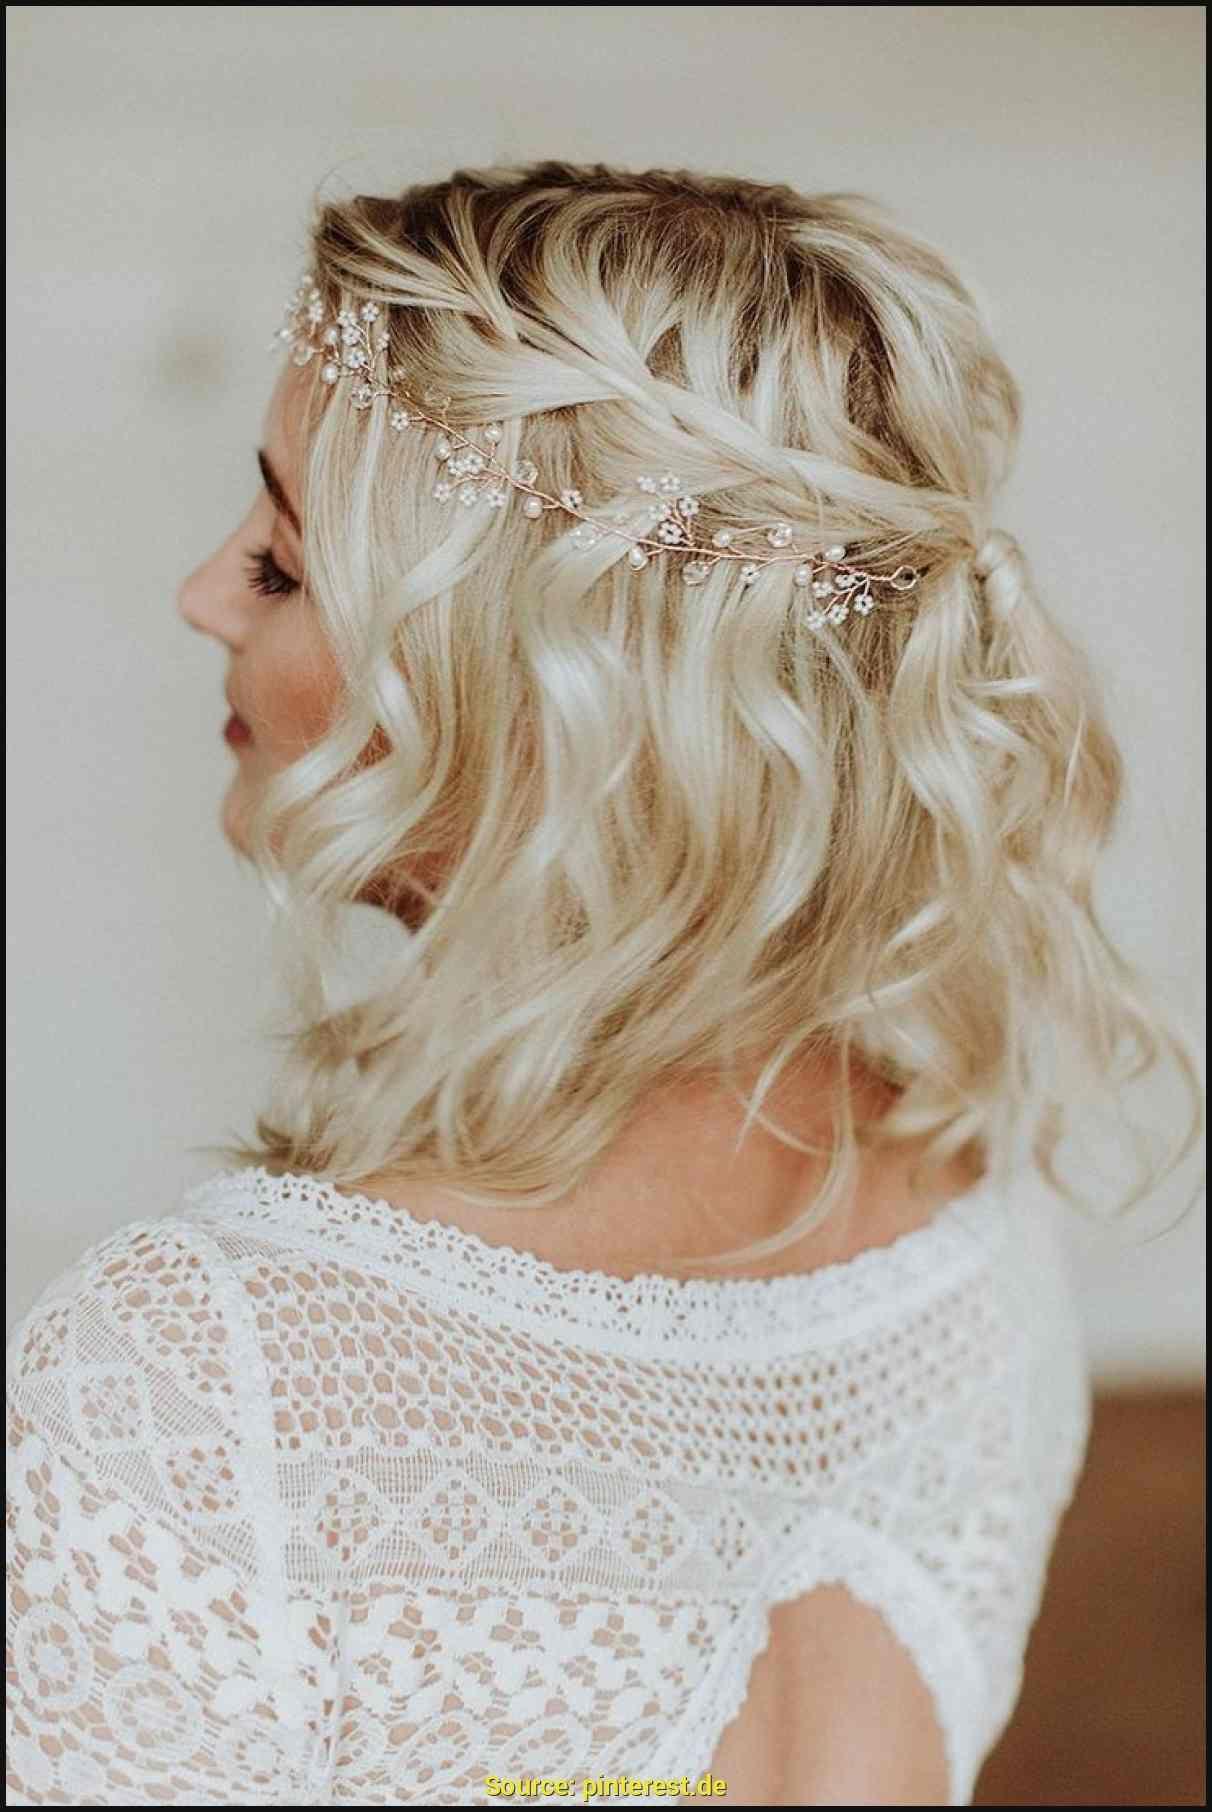 22 Faszinierend Ideen Betreffend Frisuren Hochzeitsgast Lange Haare